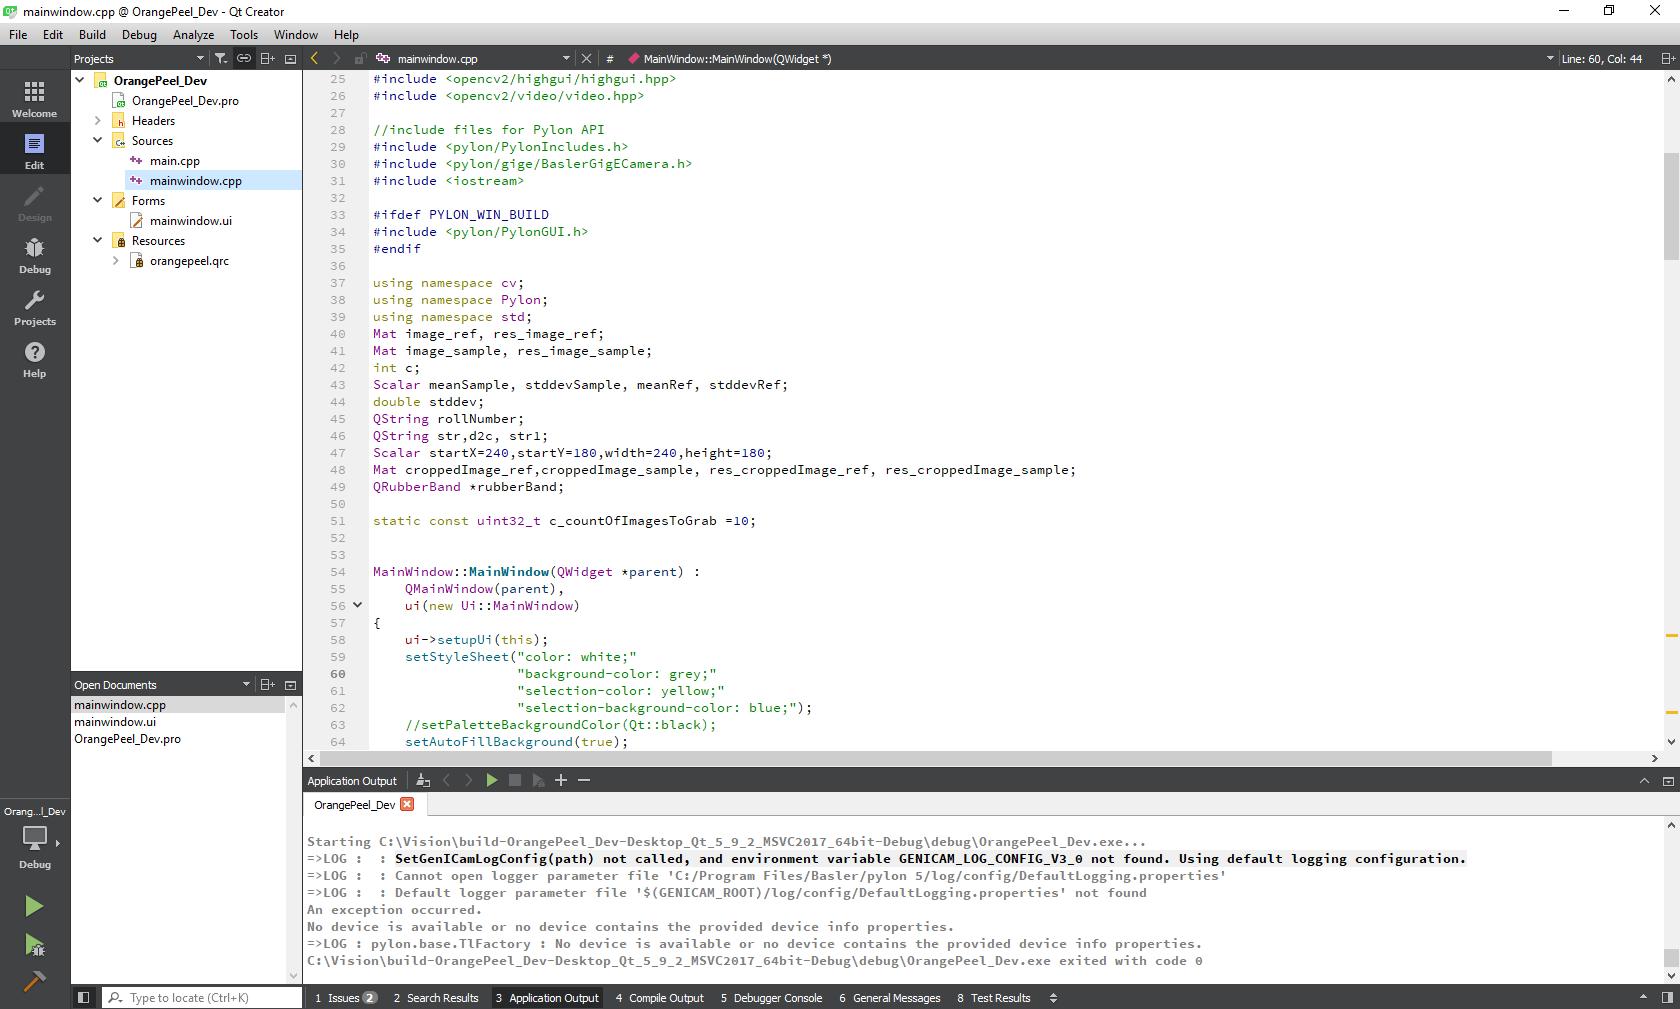 0_1551977091344_code_with_debug_log.PNG